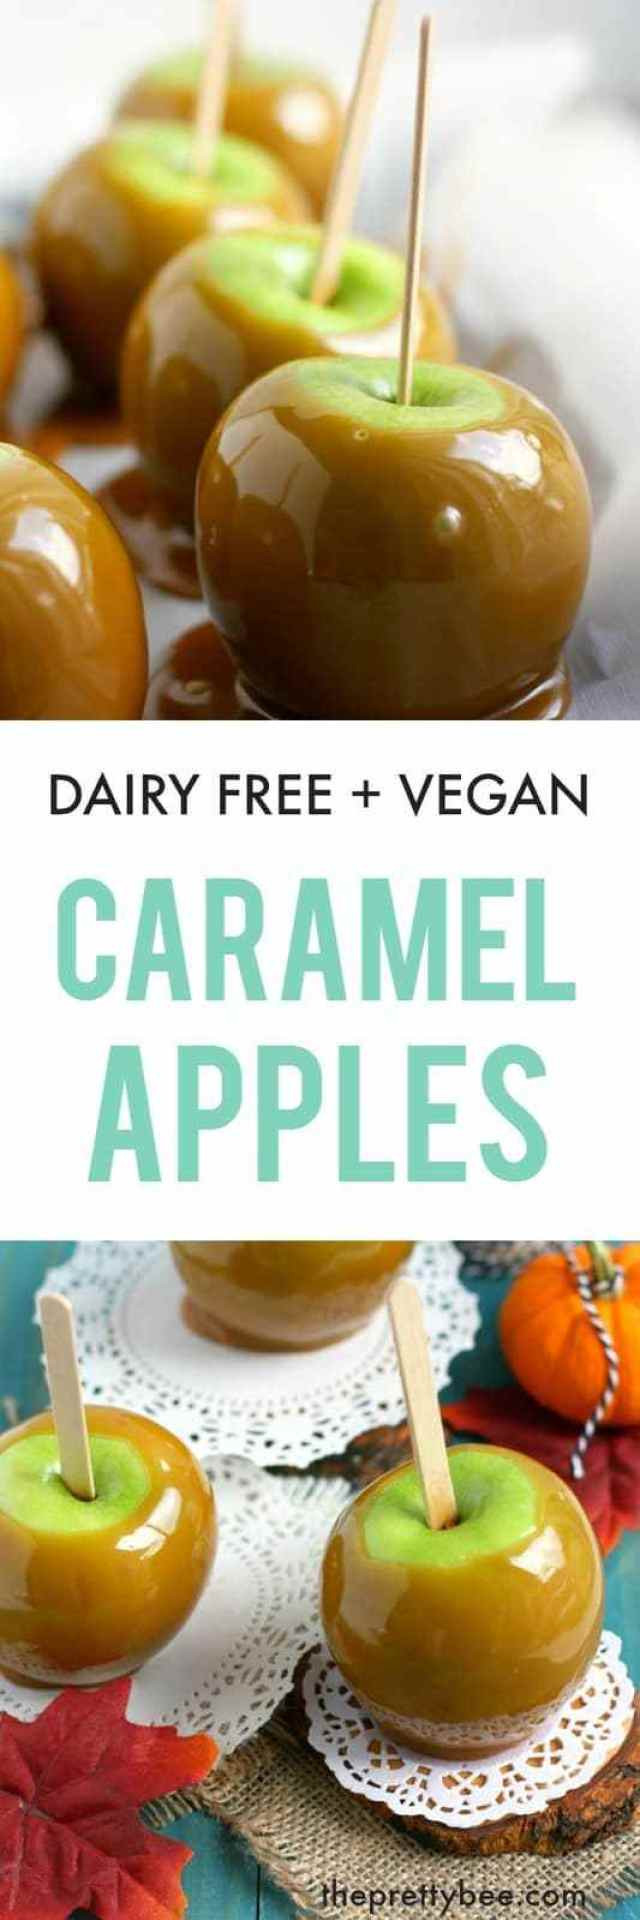 Dairy Free Caramel Apples  Dairy Free Caramel Apples The Pretty Bee